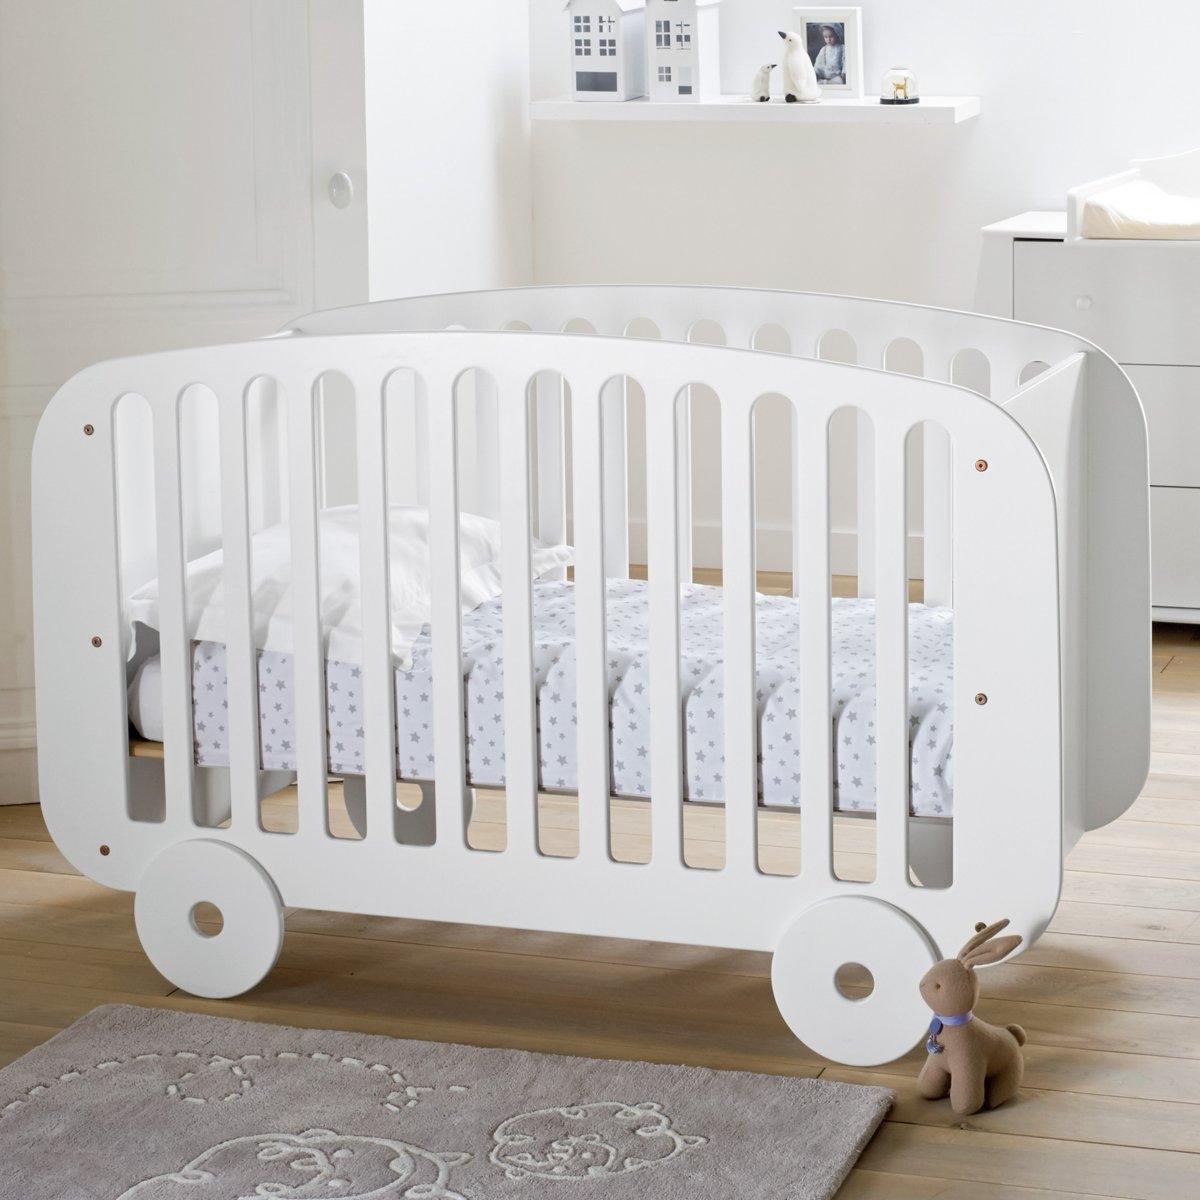 Кроватка LaRedoute Детская в форме вагона с регулируемым по высоте реечным дном 60 x 120 см белый